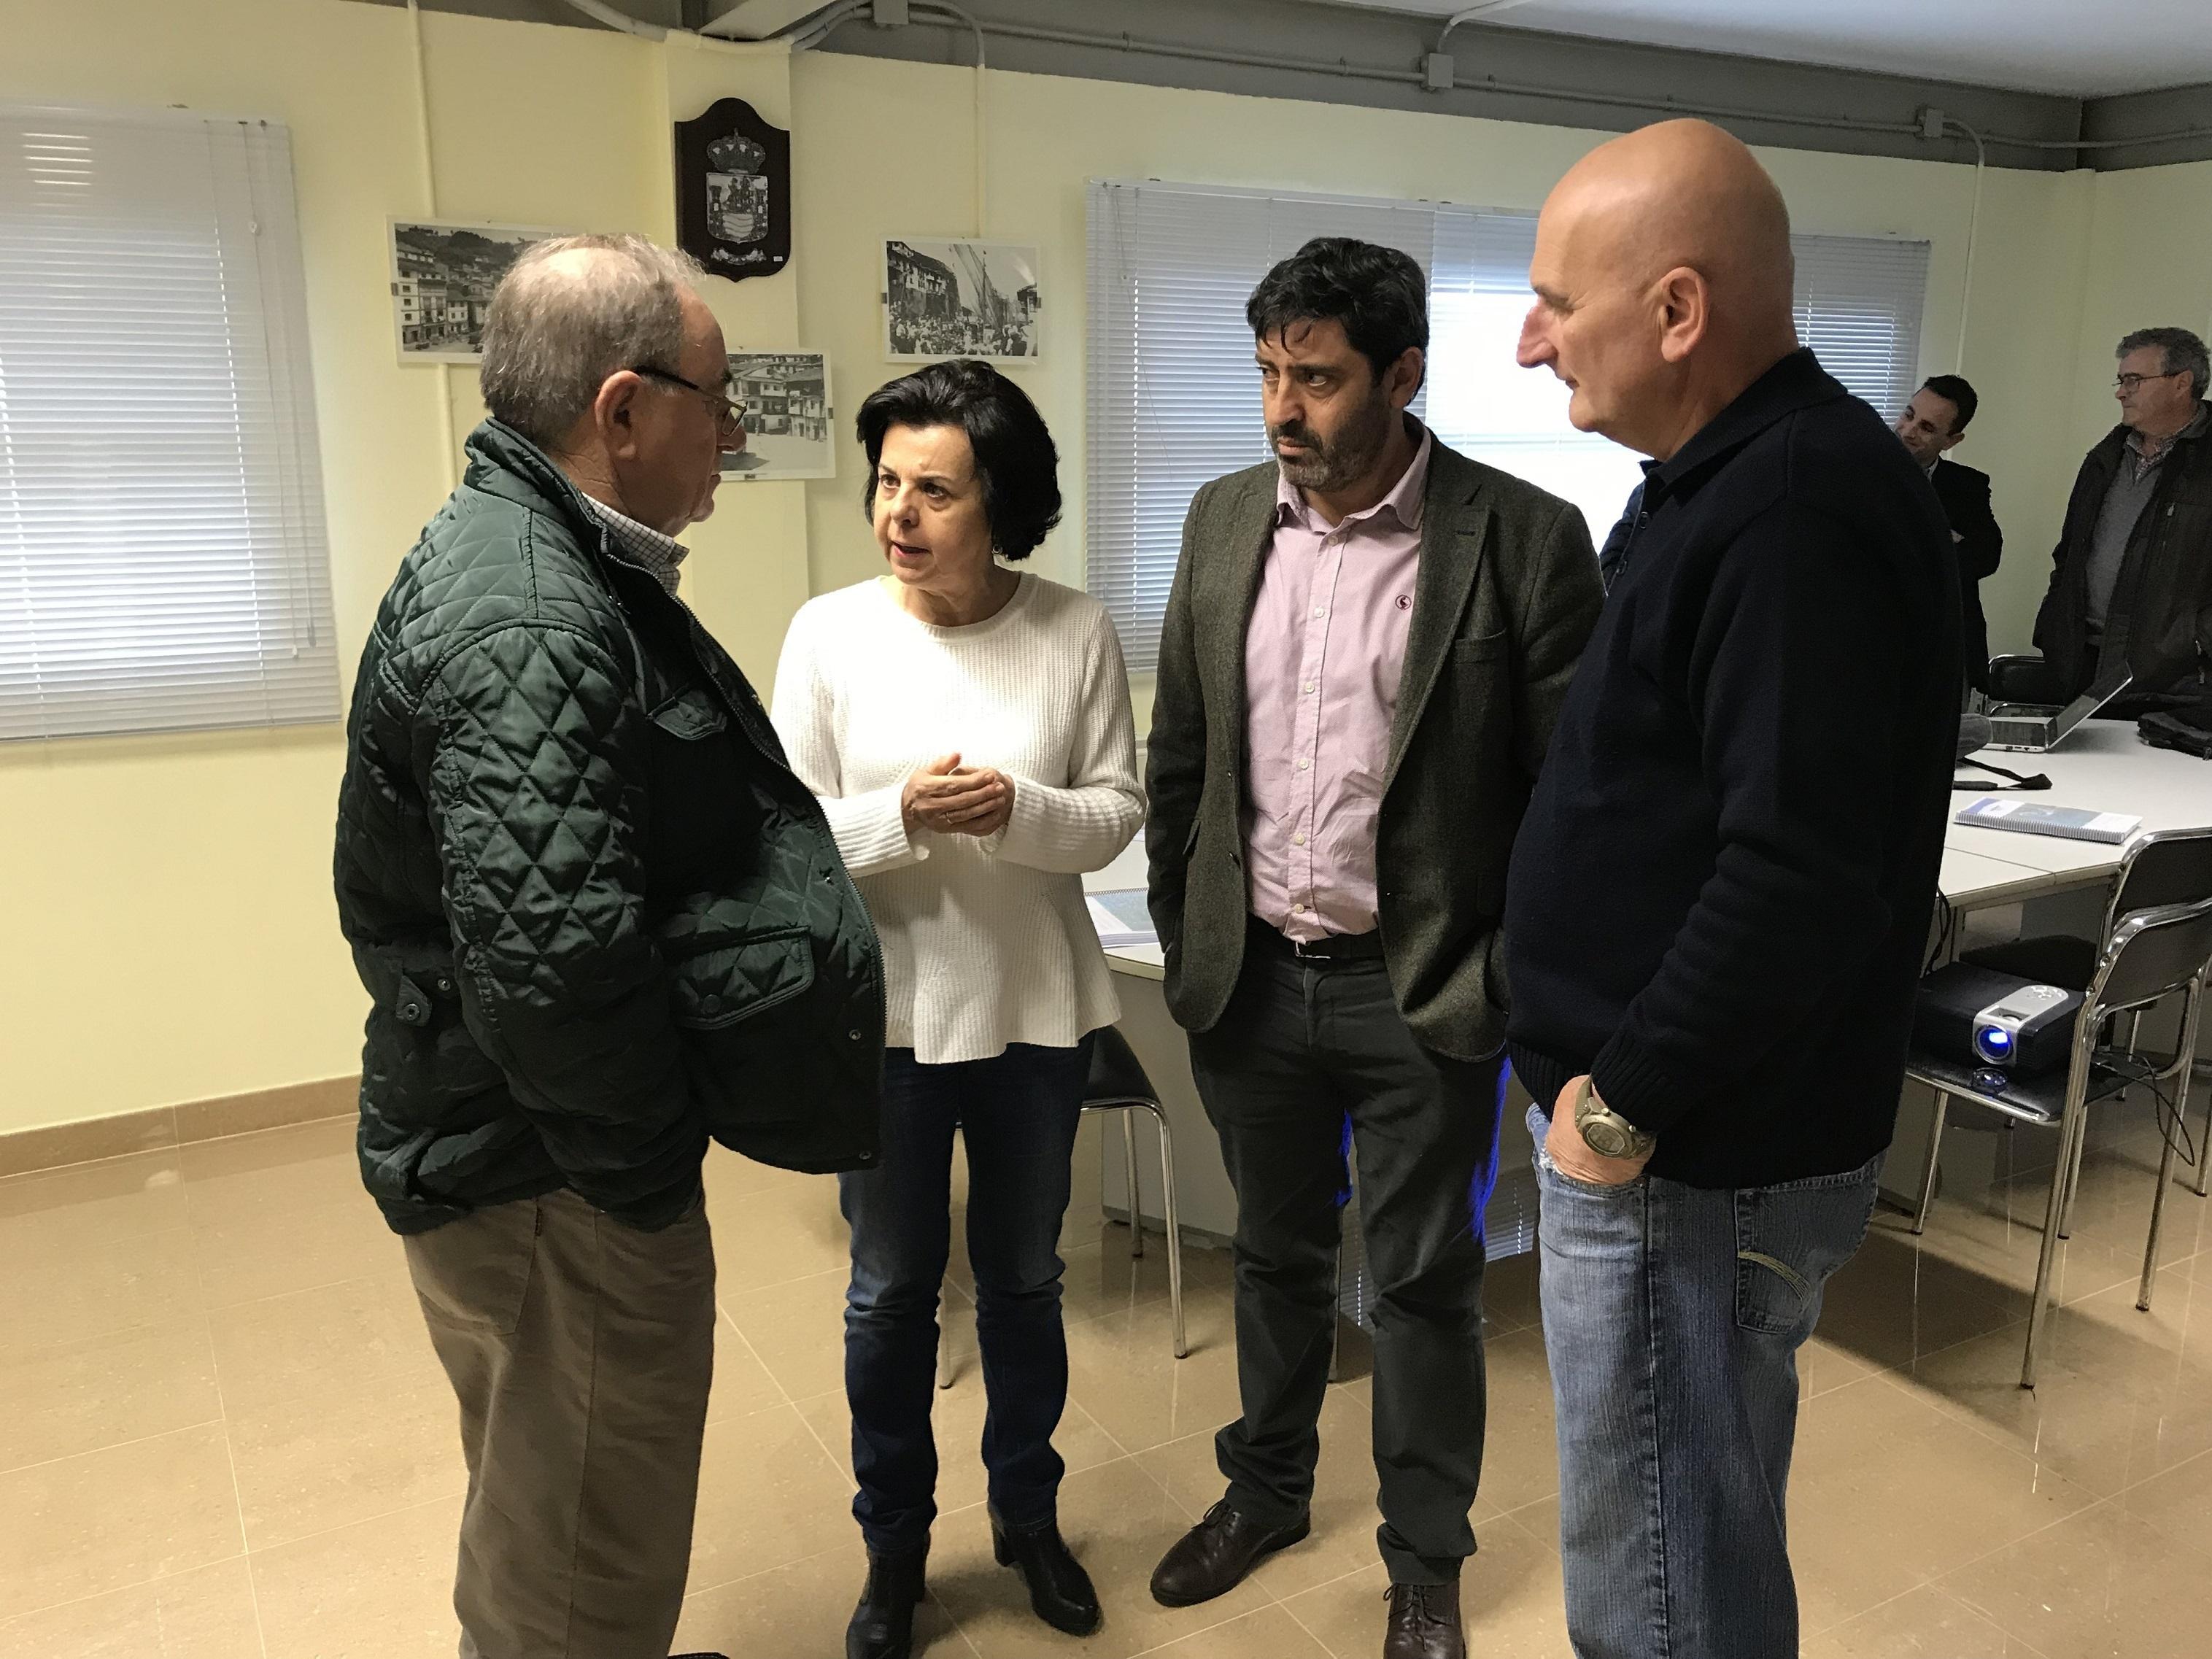 La consejería de Desarrollo Rural presenta el Estudio de implantación de energías renovables en las cofradías de pescadores de Asturias